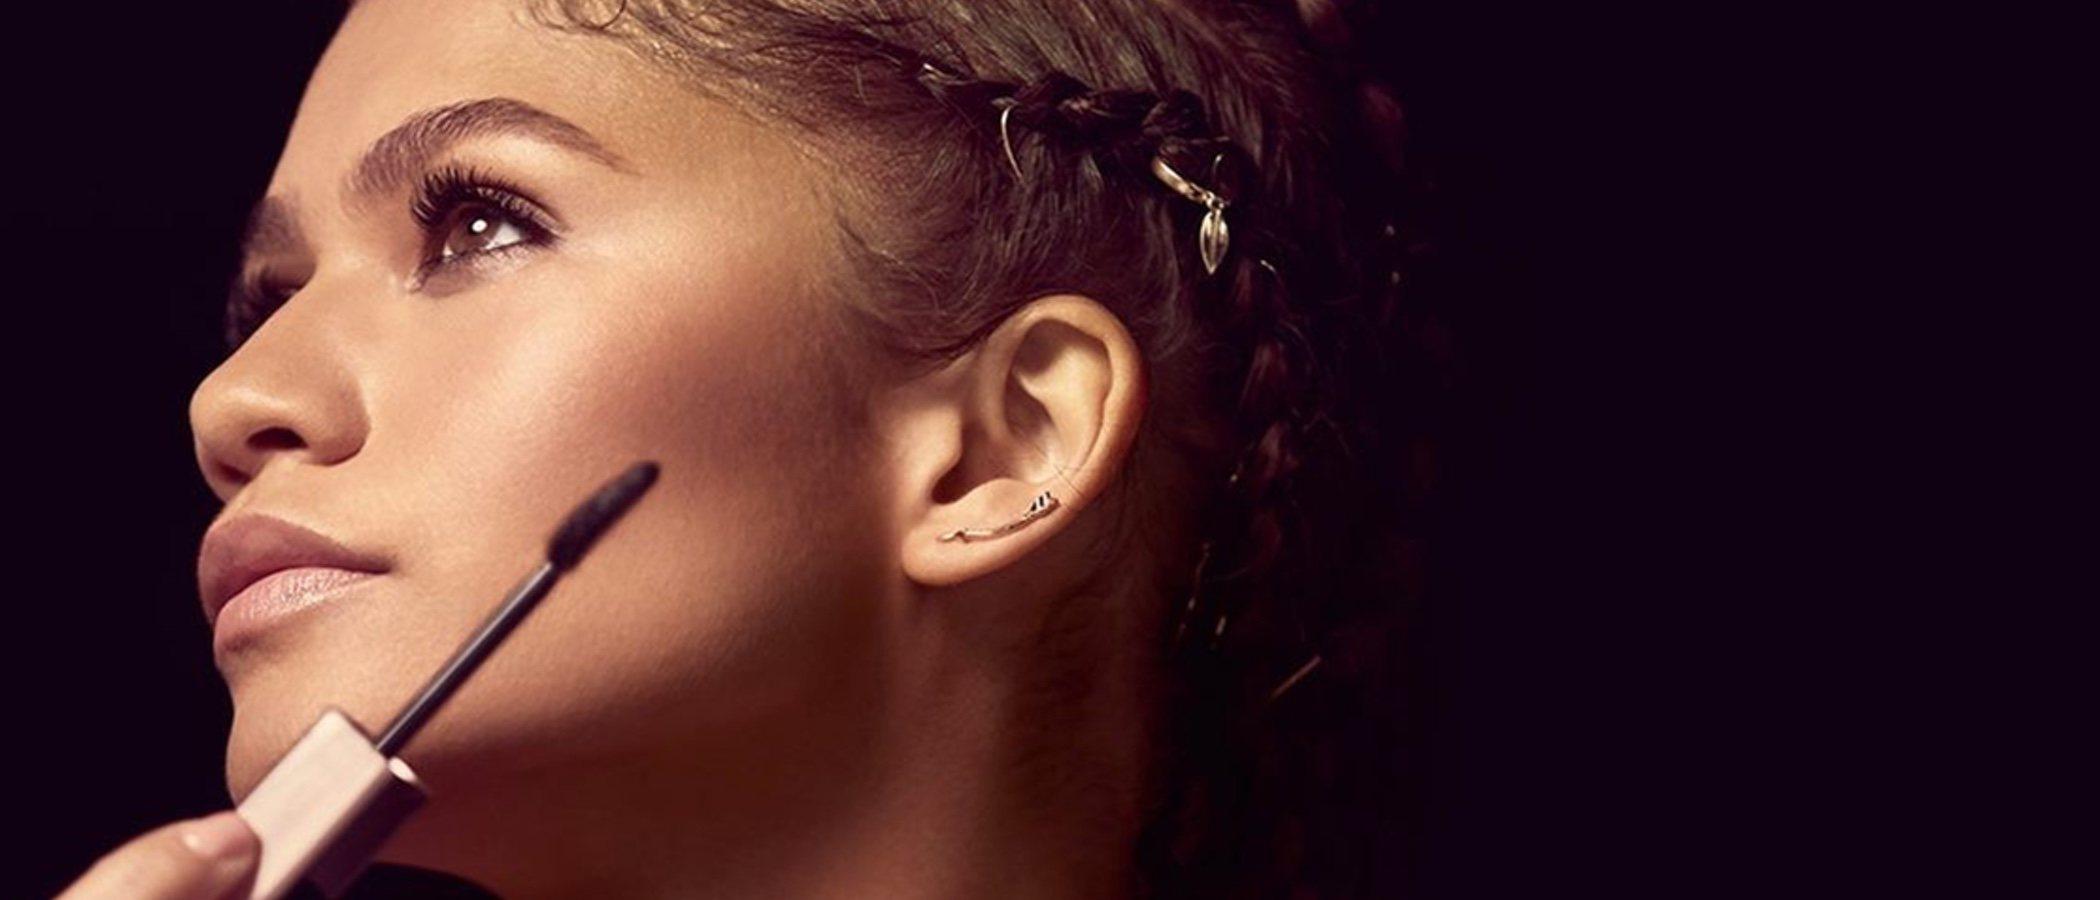 Lancôme lanza con su embajadora Zendaya su nueva máscara de pestañas 'Idôle'